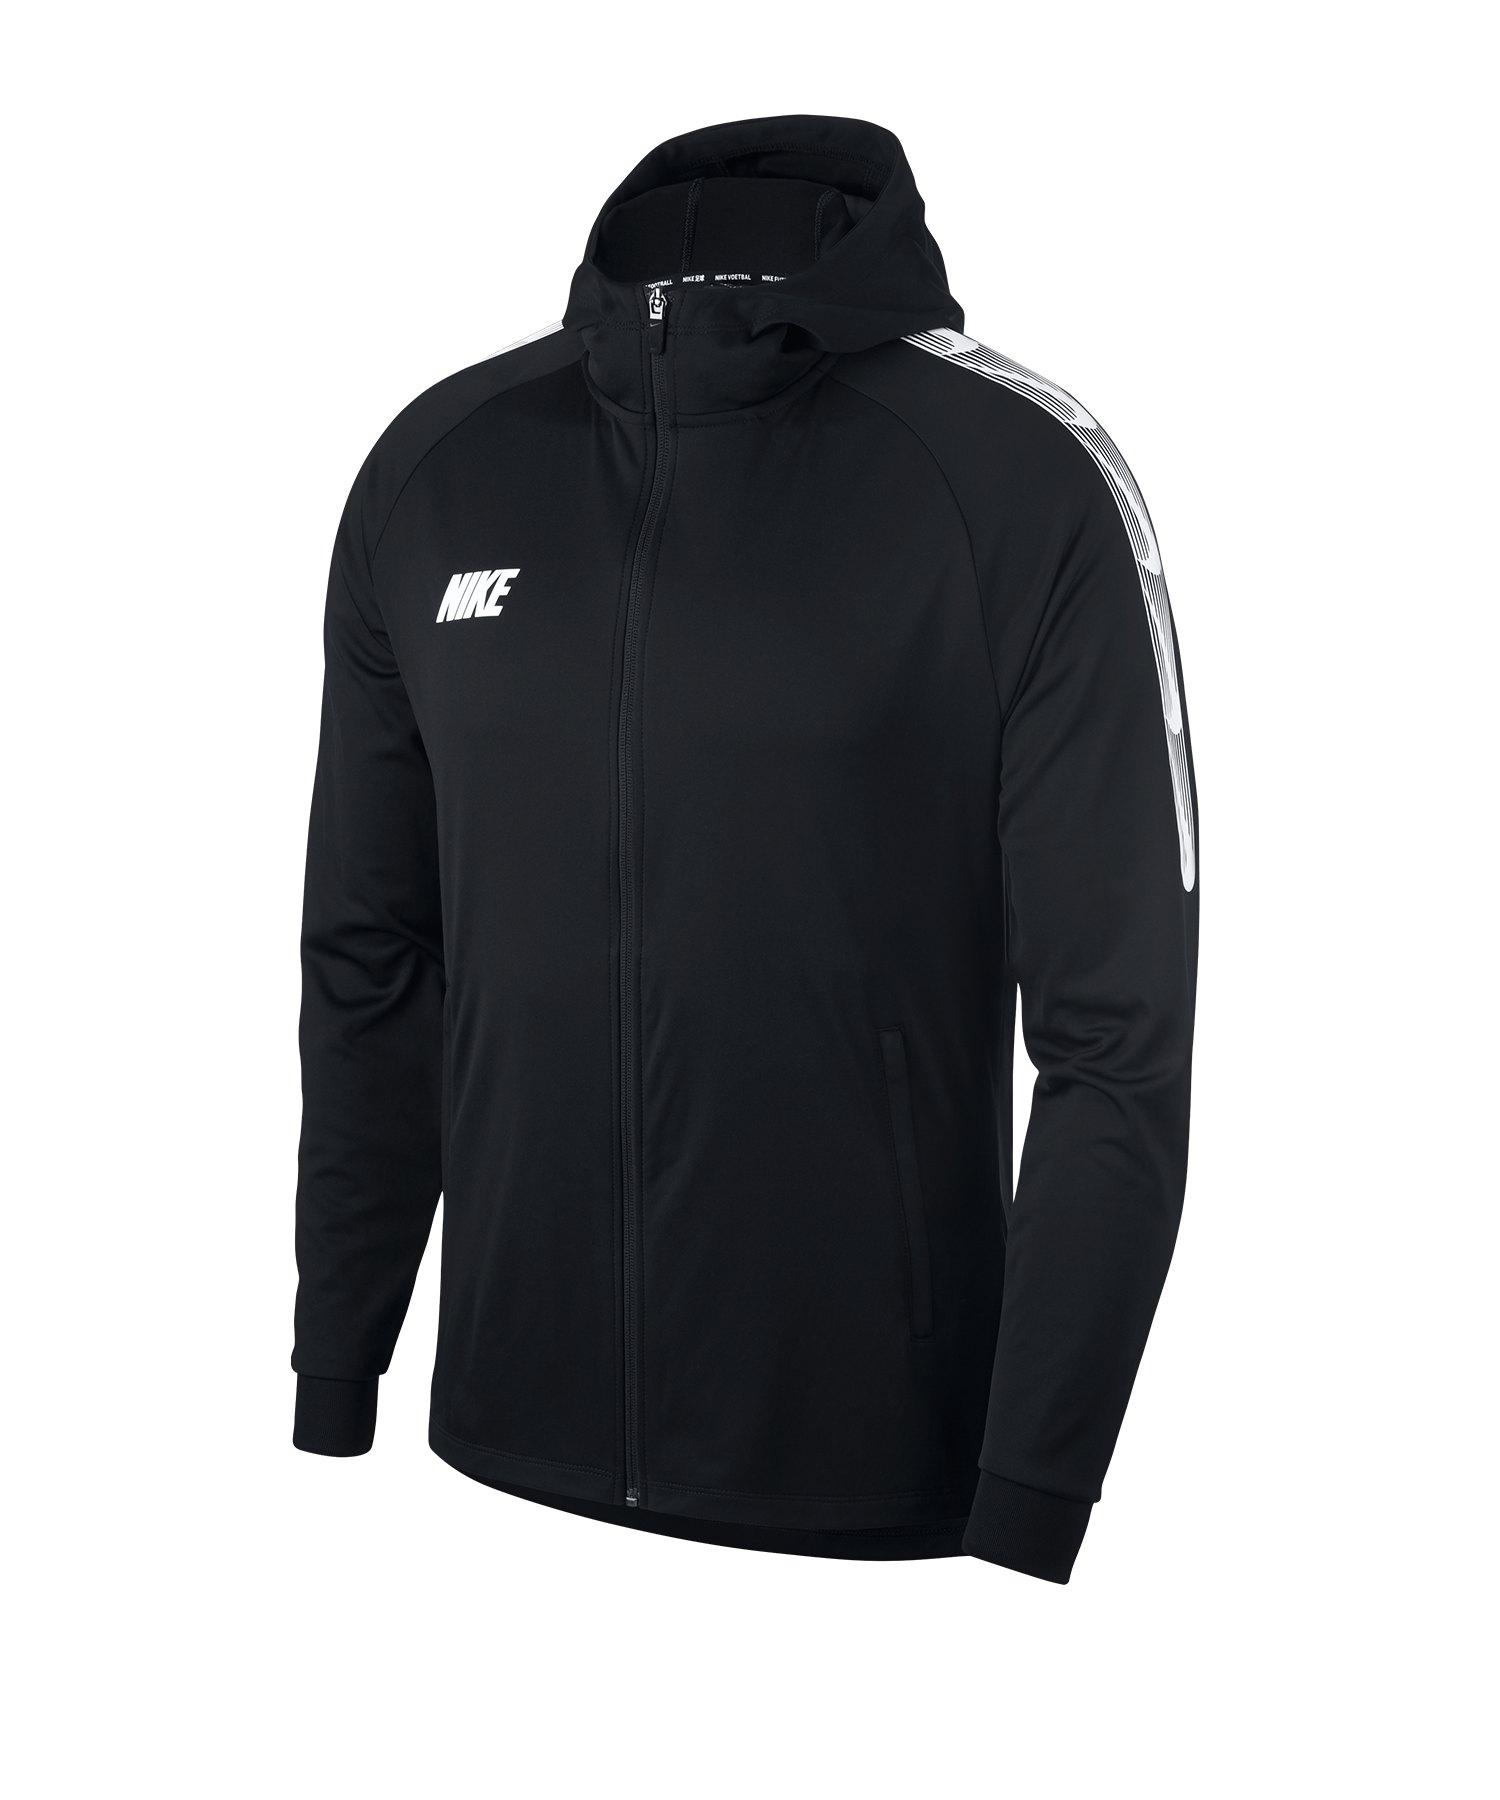 Nike Dry Squad Trainingsjacke Schwarz F011 - schwarz